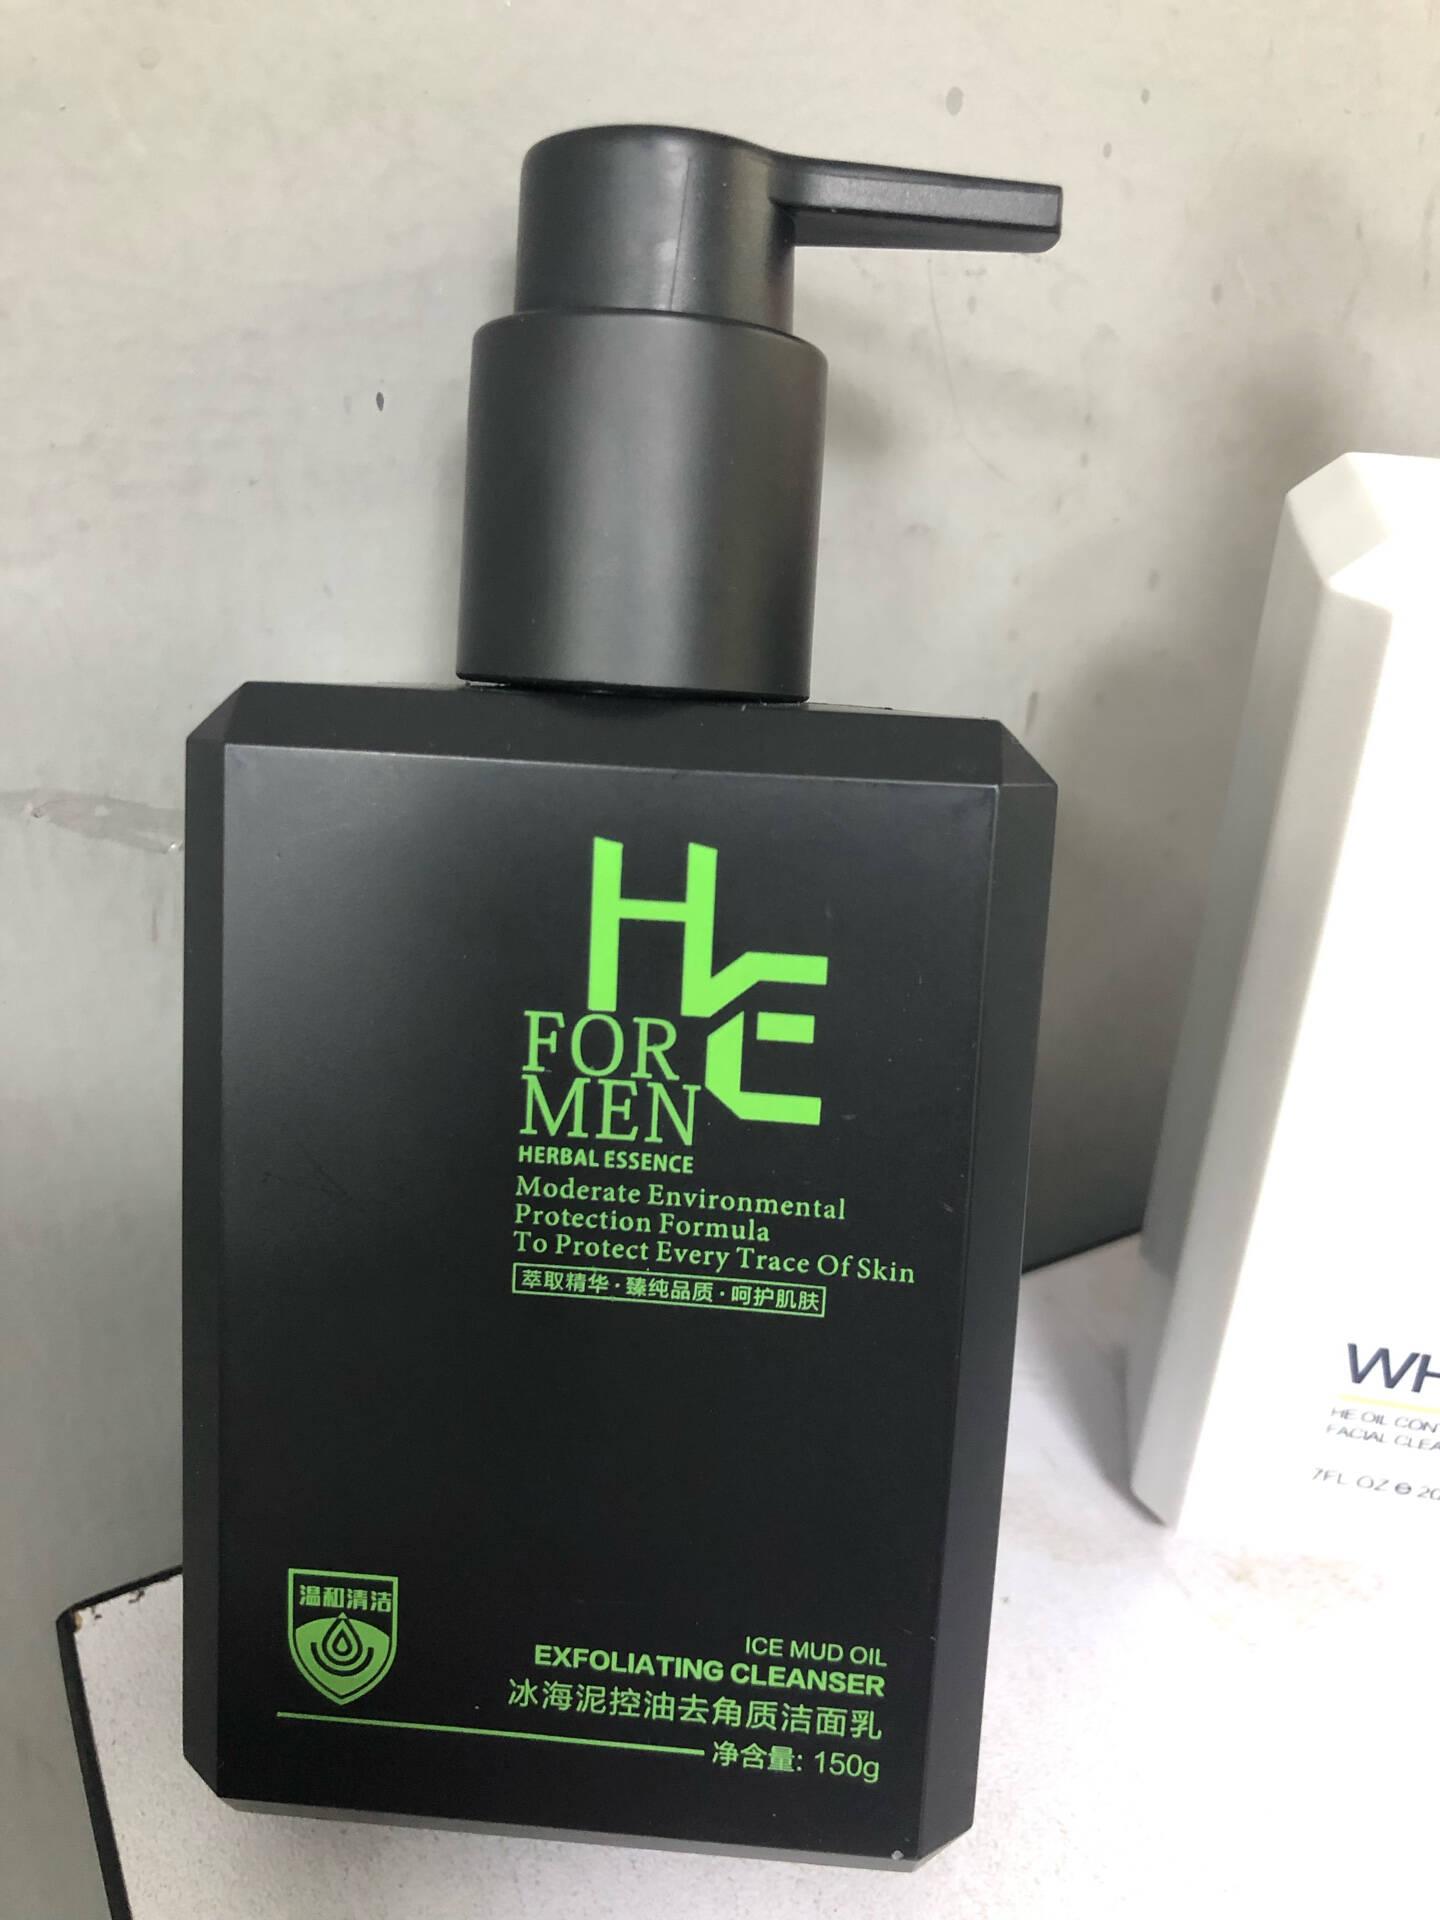 赫恩(H&E)男士美白控油去角质洗面奶男200g(焕白提亮温和保湿去黑头洁面乳)